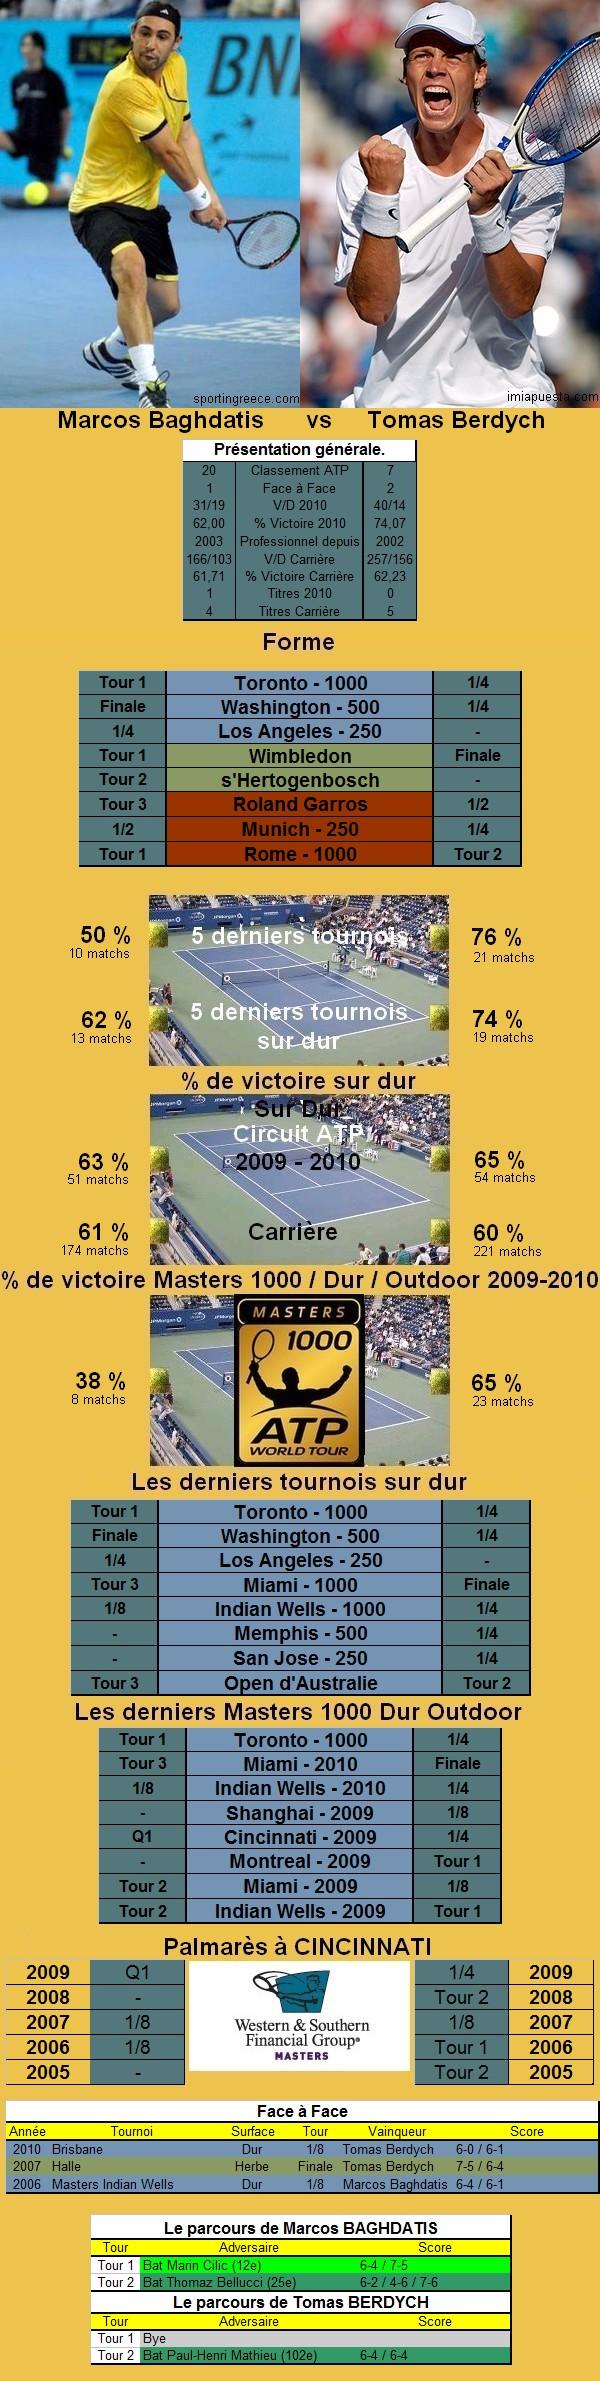 Statistiques tennis de Baghdatis contre Berdych à Cincinnati